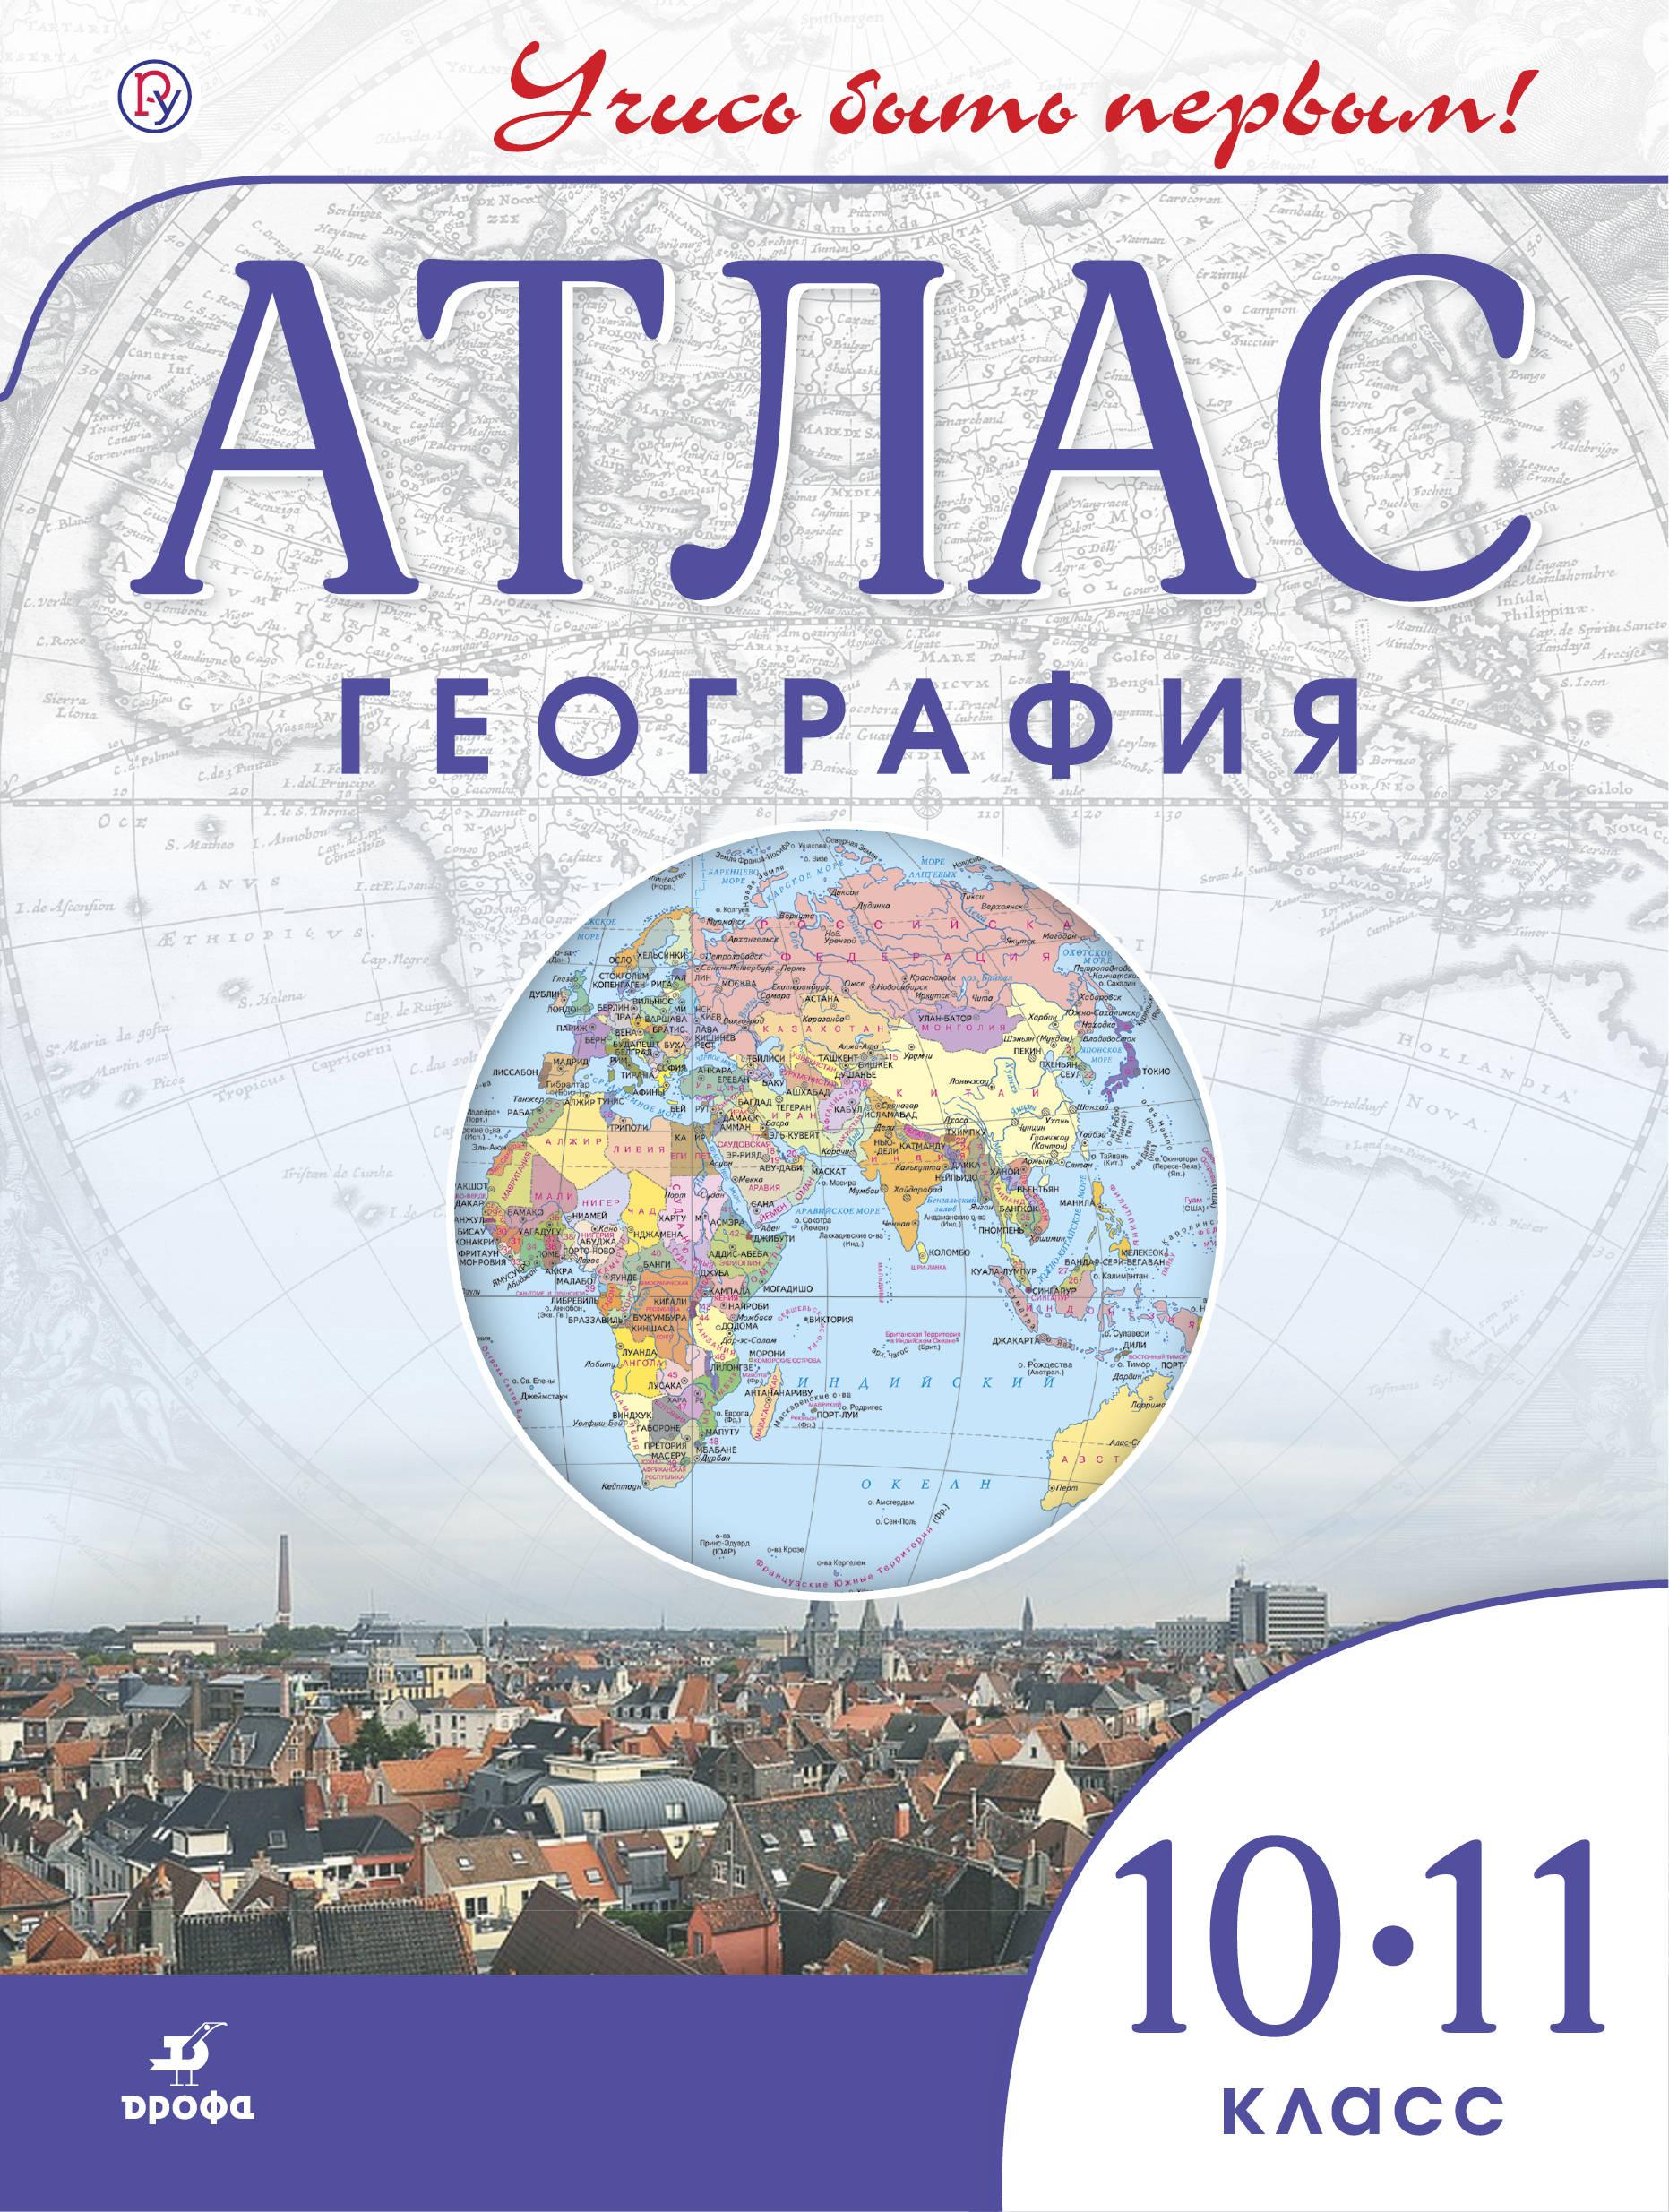 Гущина Т. А. География. 10-11 классы. Атлас география 10 11 классы атлас традиционный комплект рго